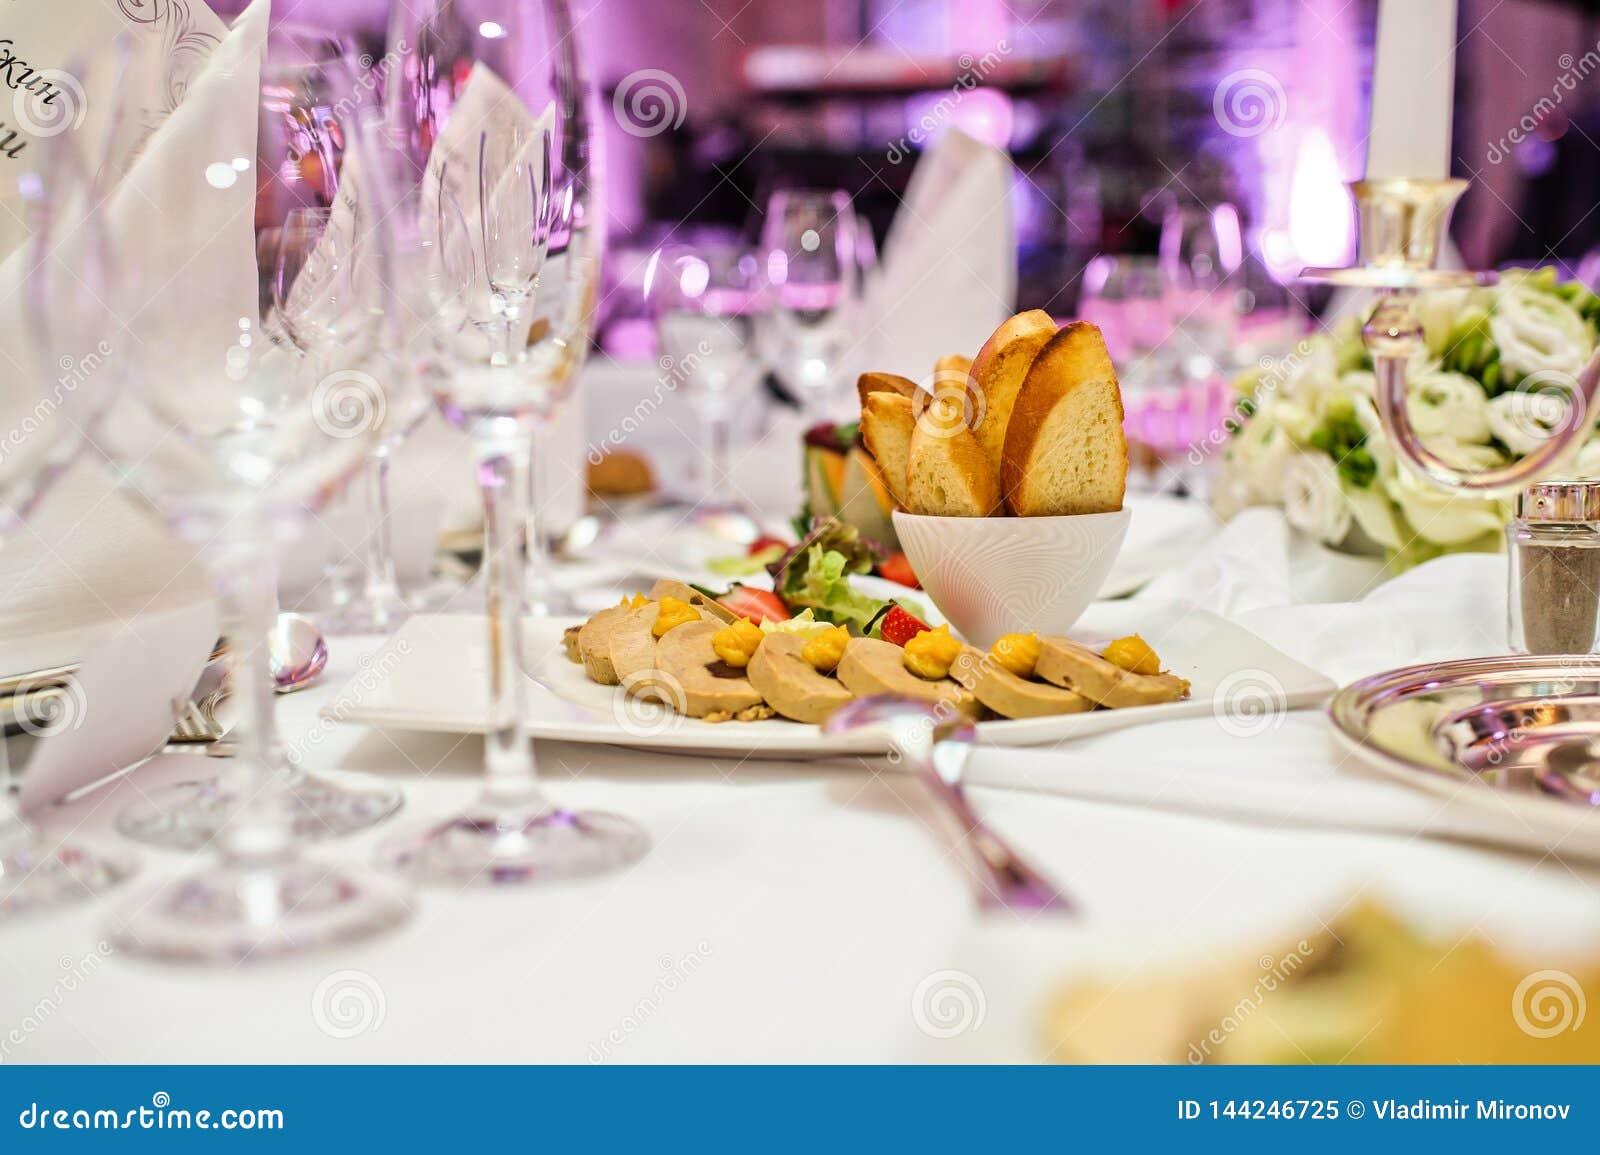 Foie Gras pate med smällare och bär Bankett i en lyxig restaurang